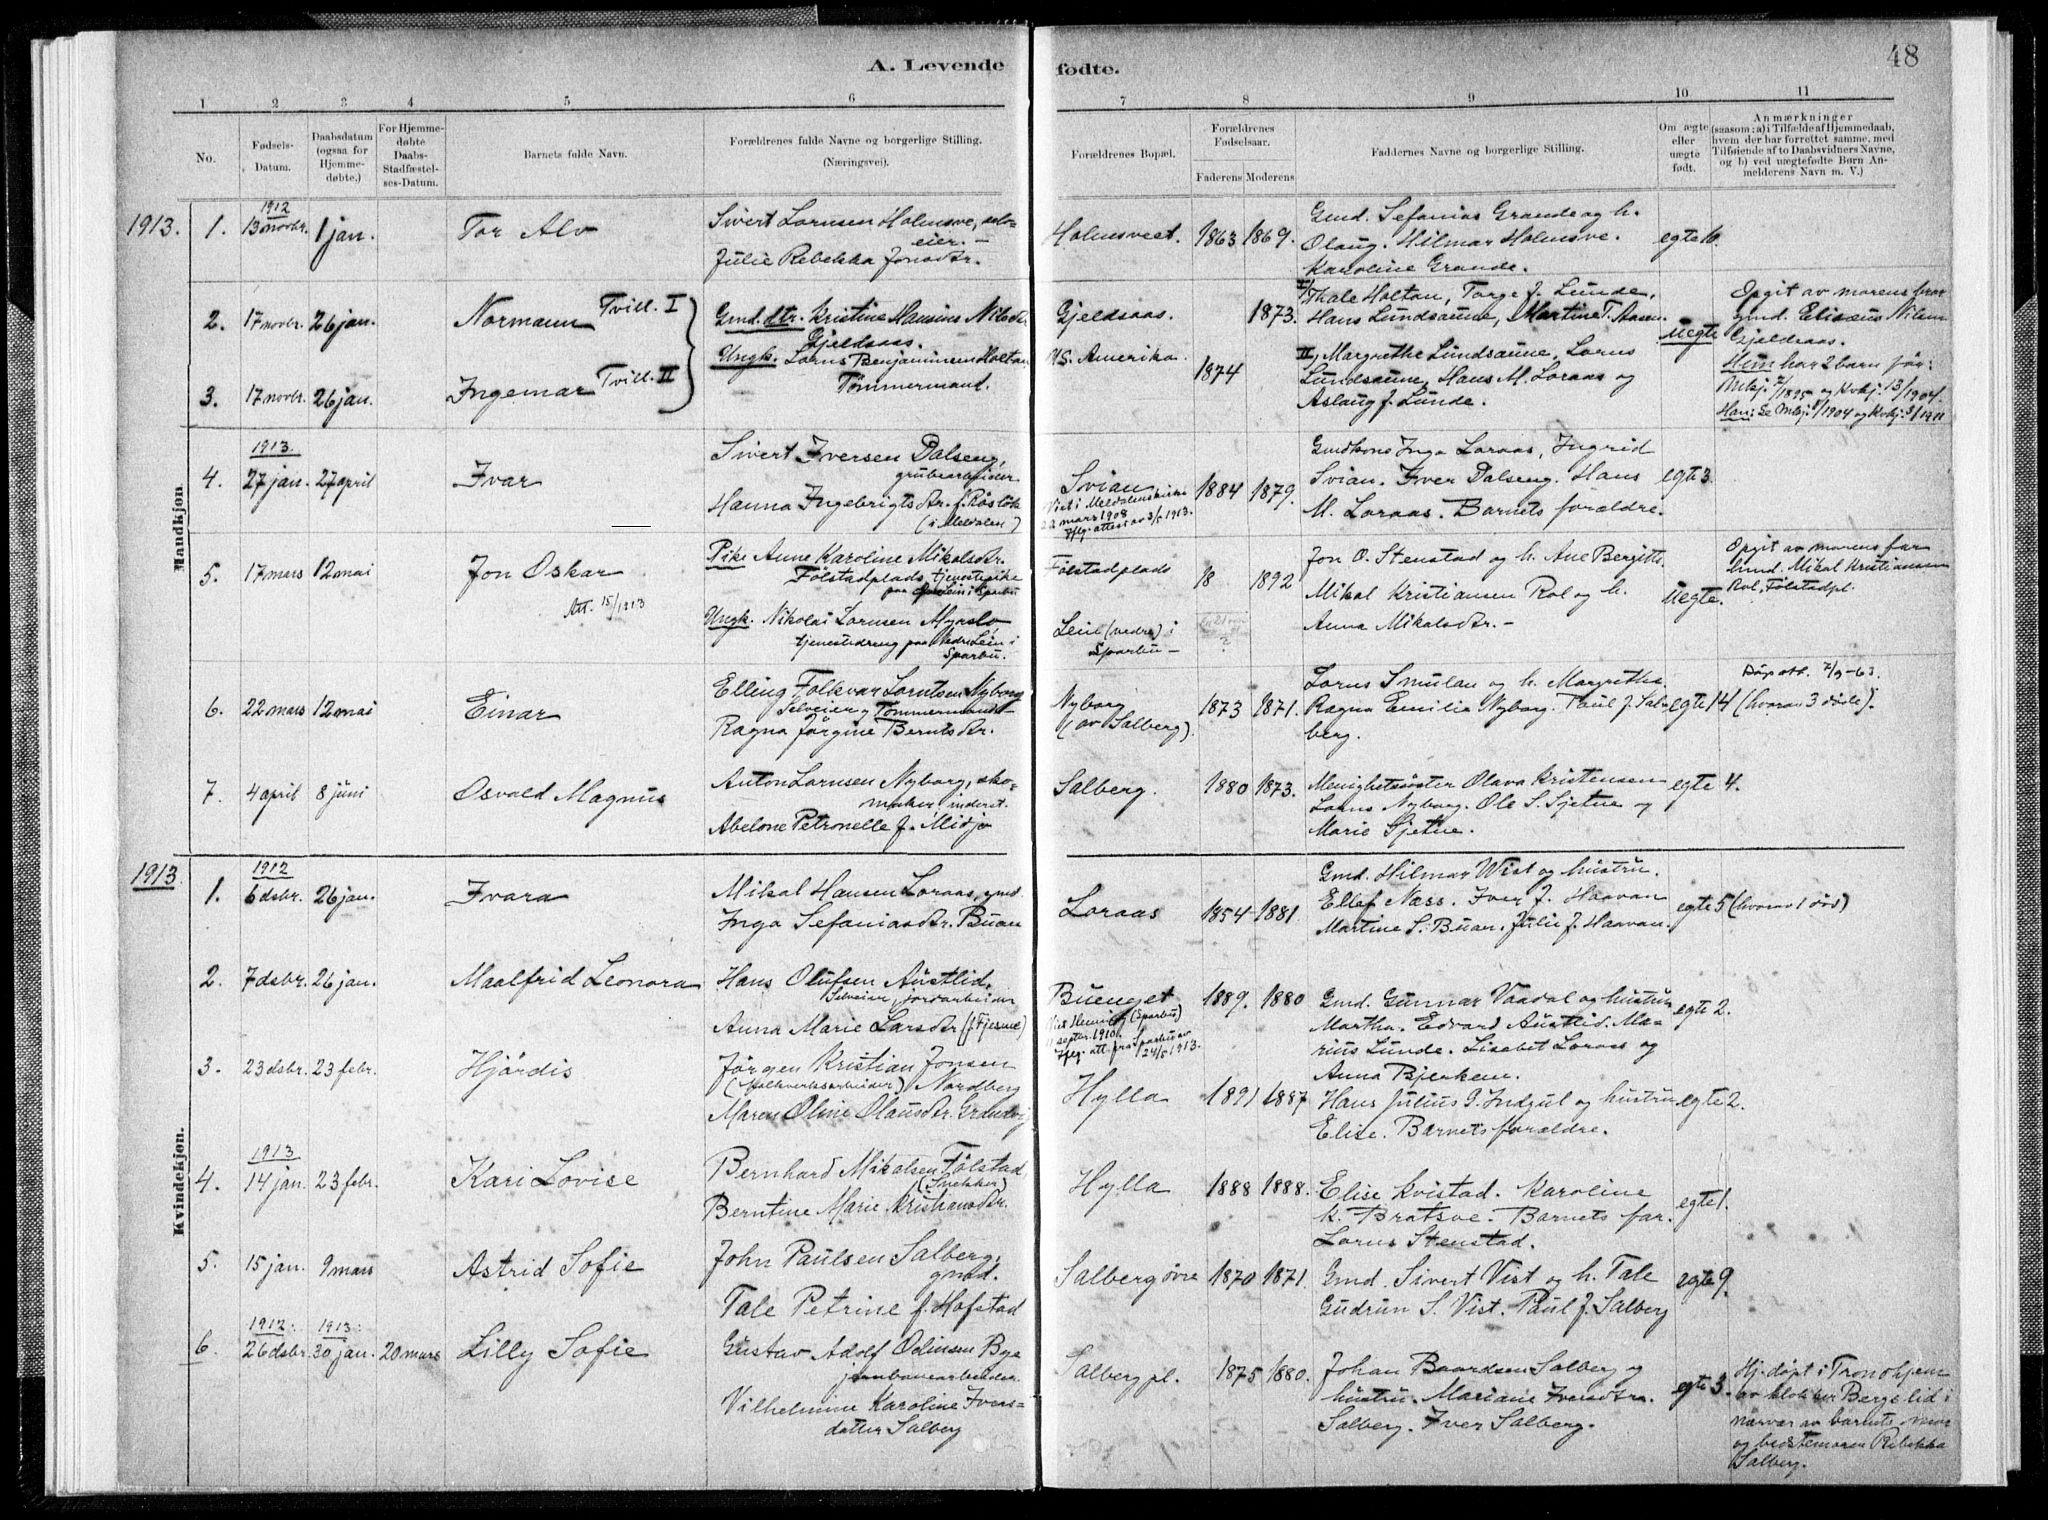 SAT, Ministerialprotokoller, klokkerbøker og fødselsregistre - Nord-Trøndelag, 731/L0309: Ministerialbok nr. 731A01, 1879-1918, s. 48